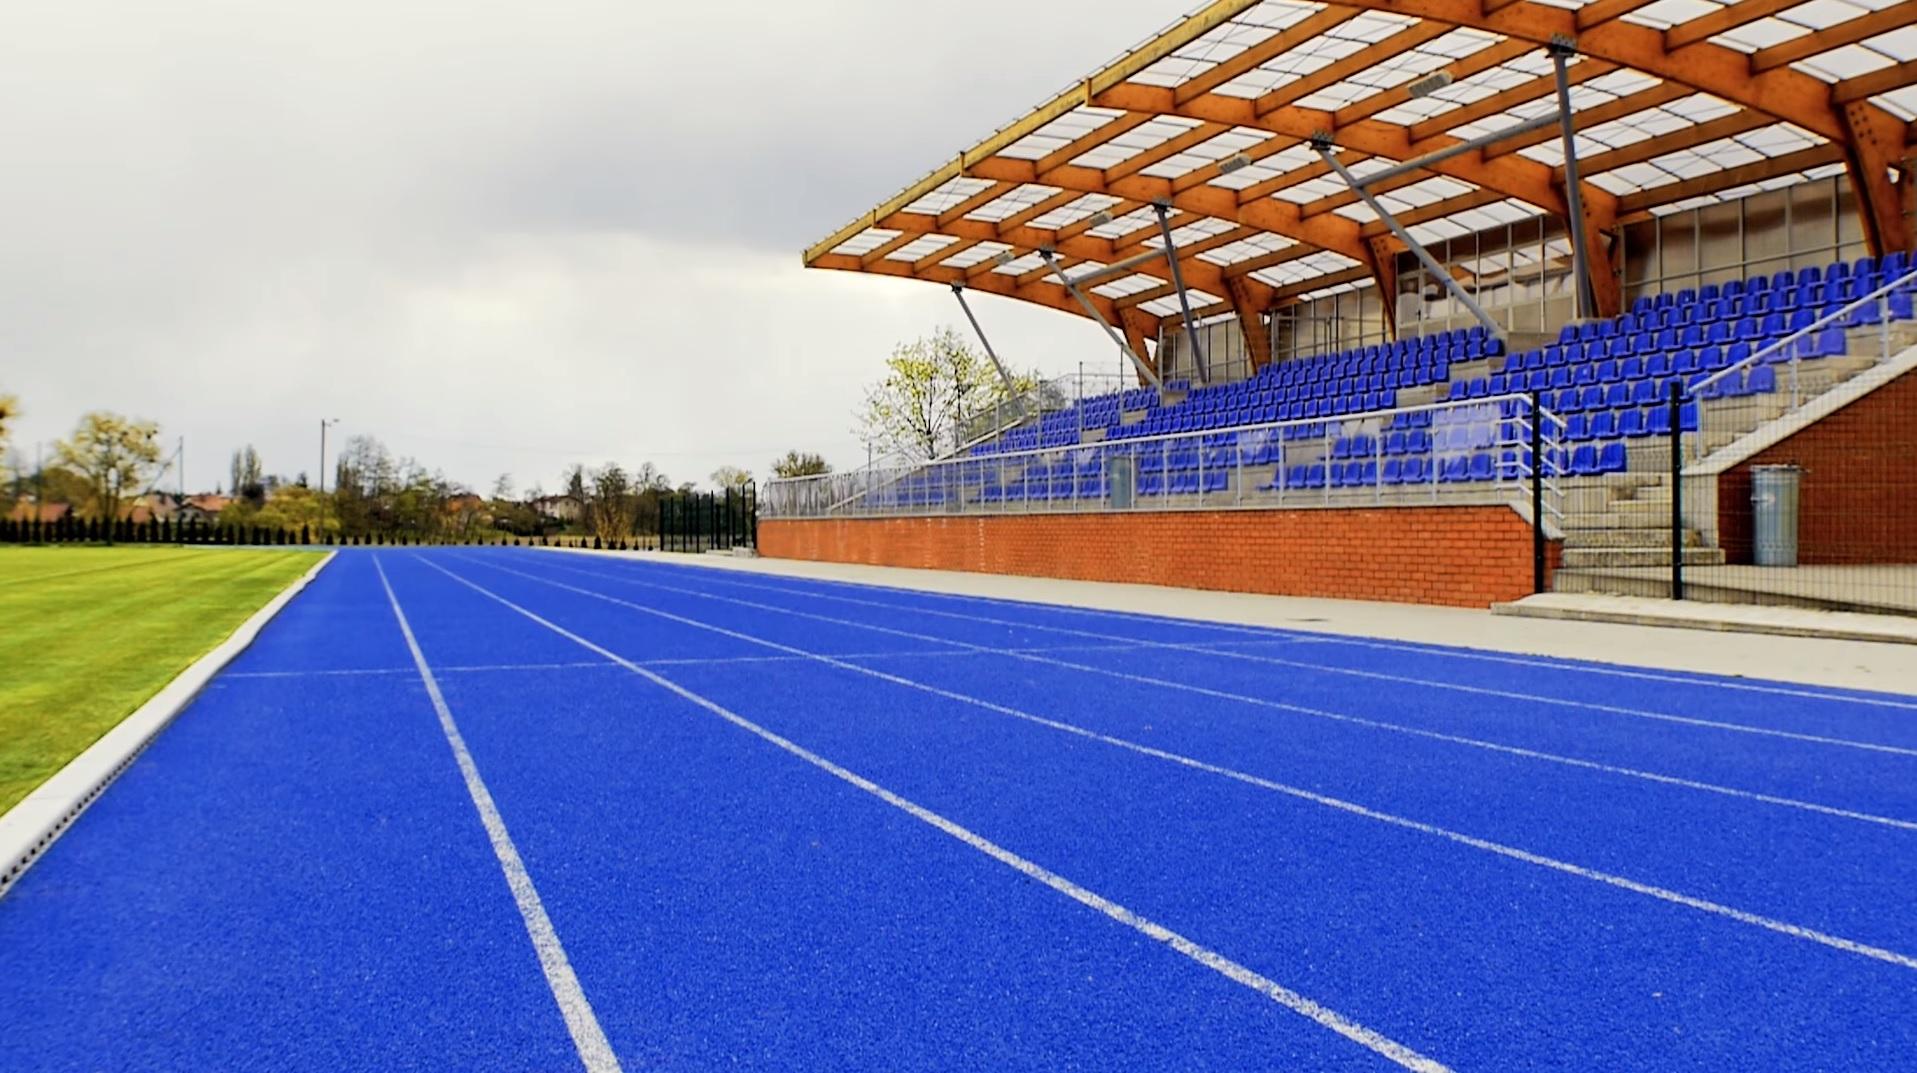 mostir międzychód stadion bieżnia - Kacper Witt